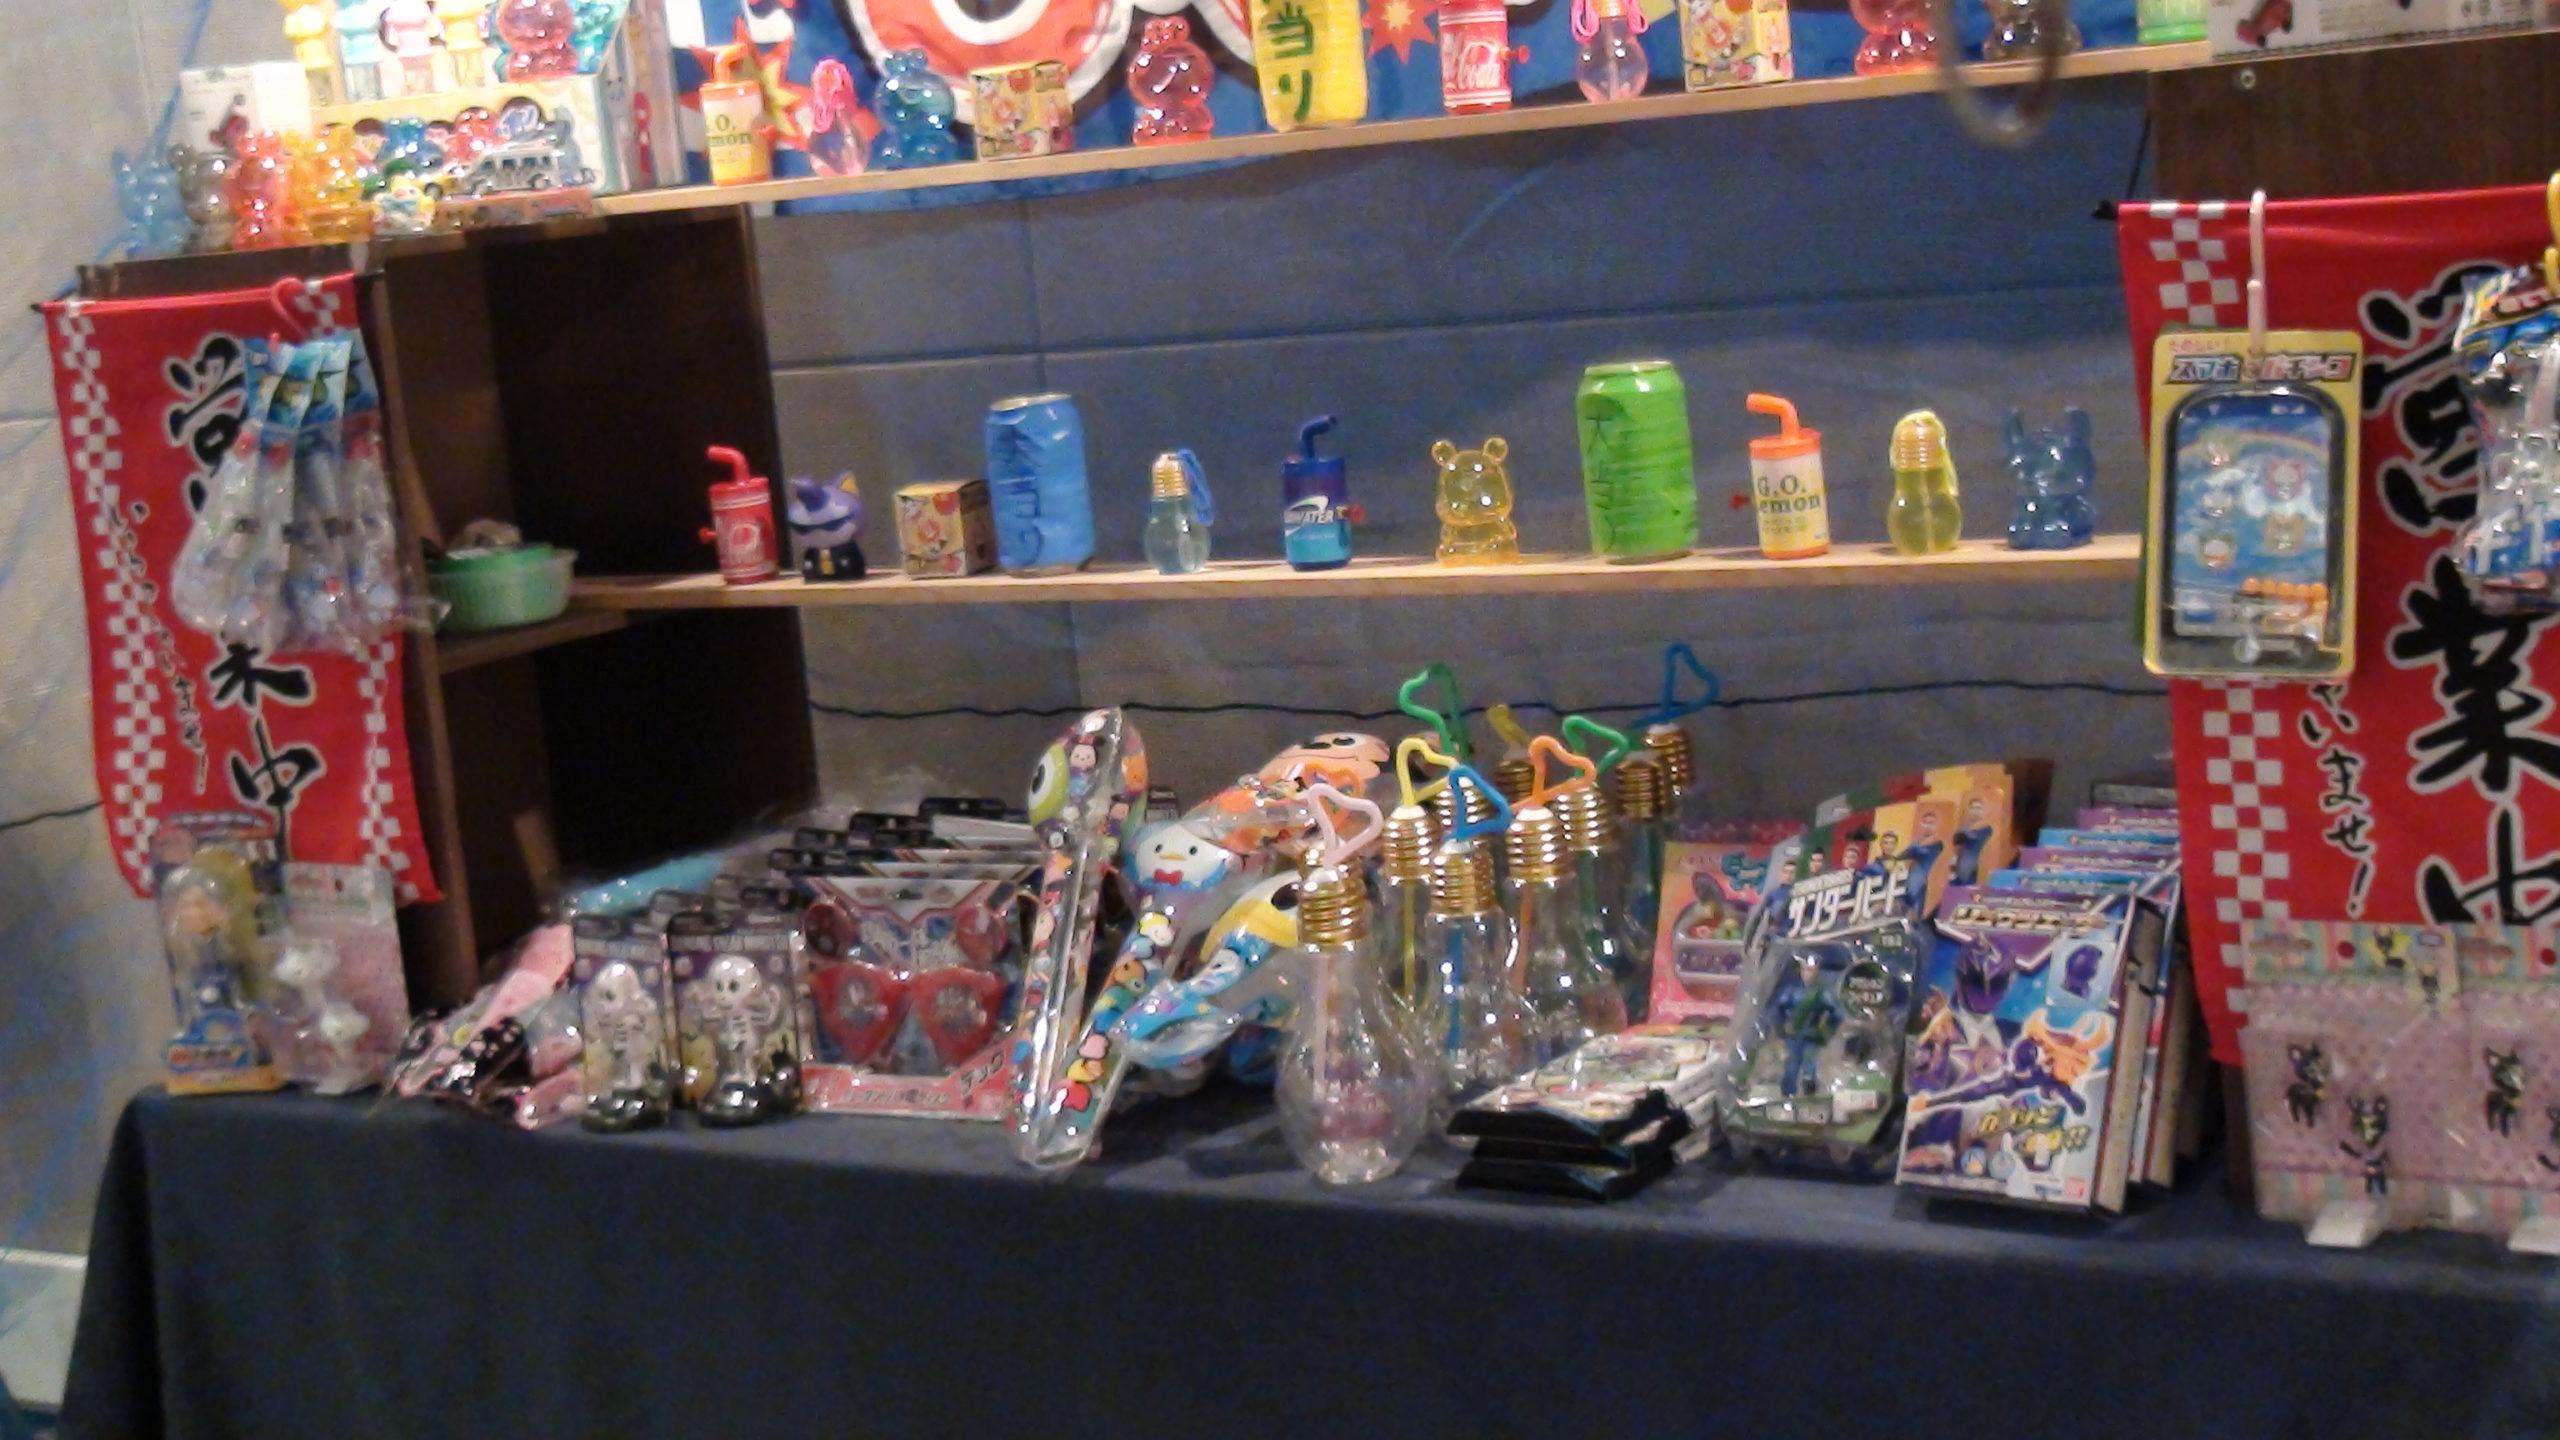 東京 渋谷  企業様イベントにバルーンパフォーマーとお祭りイベントを手配しました。